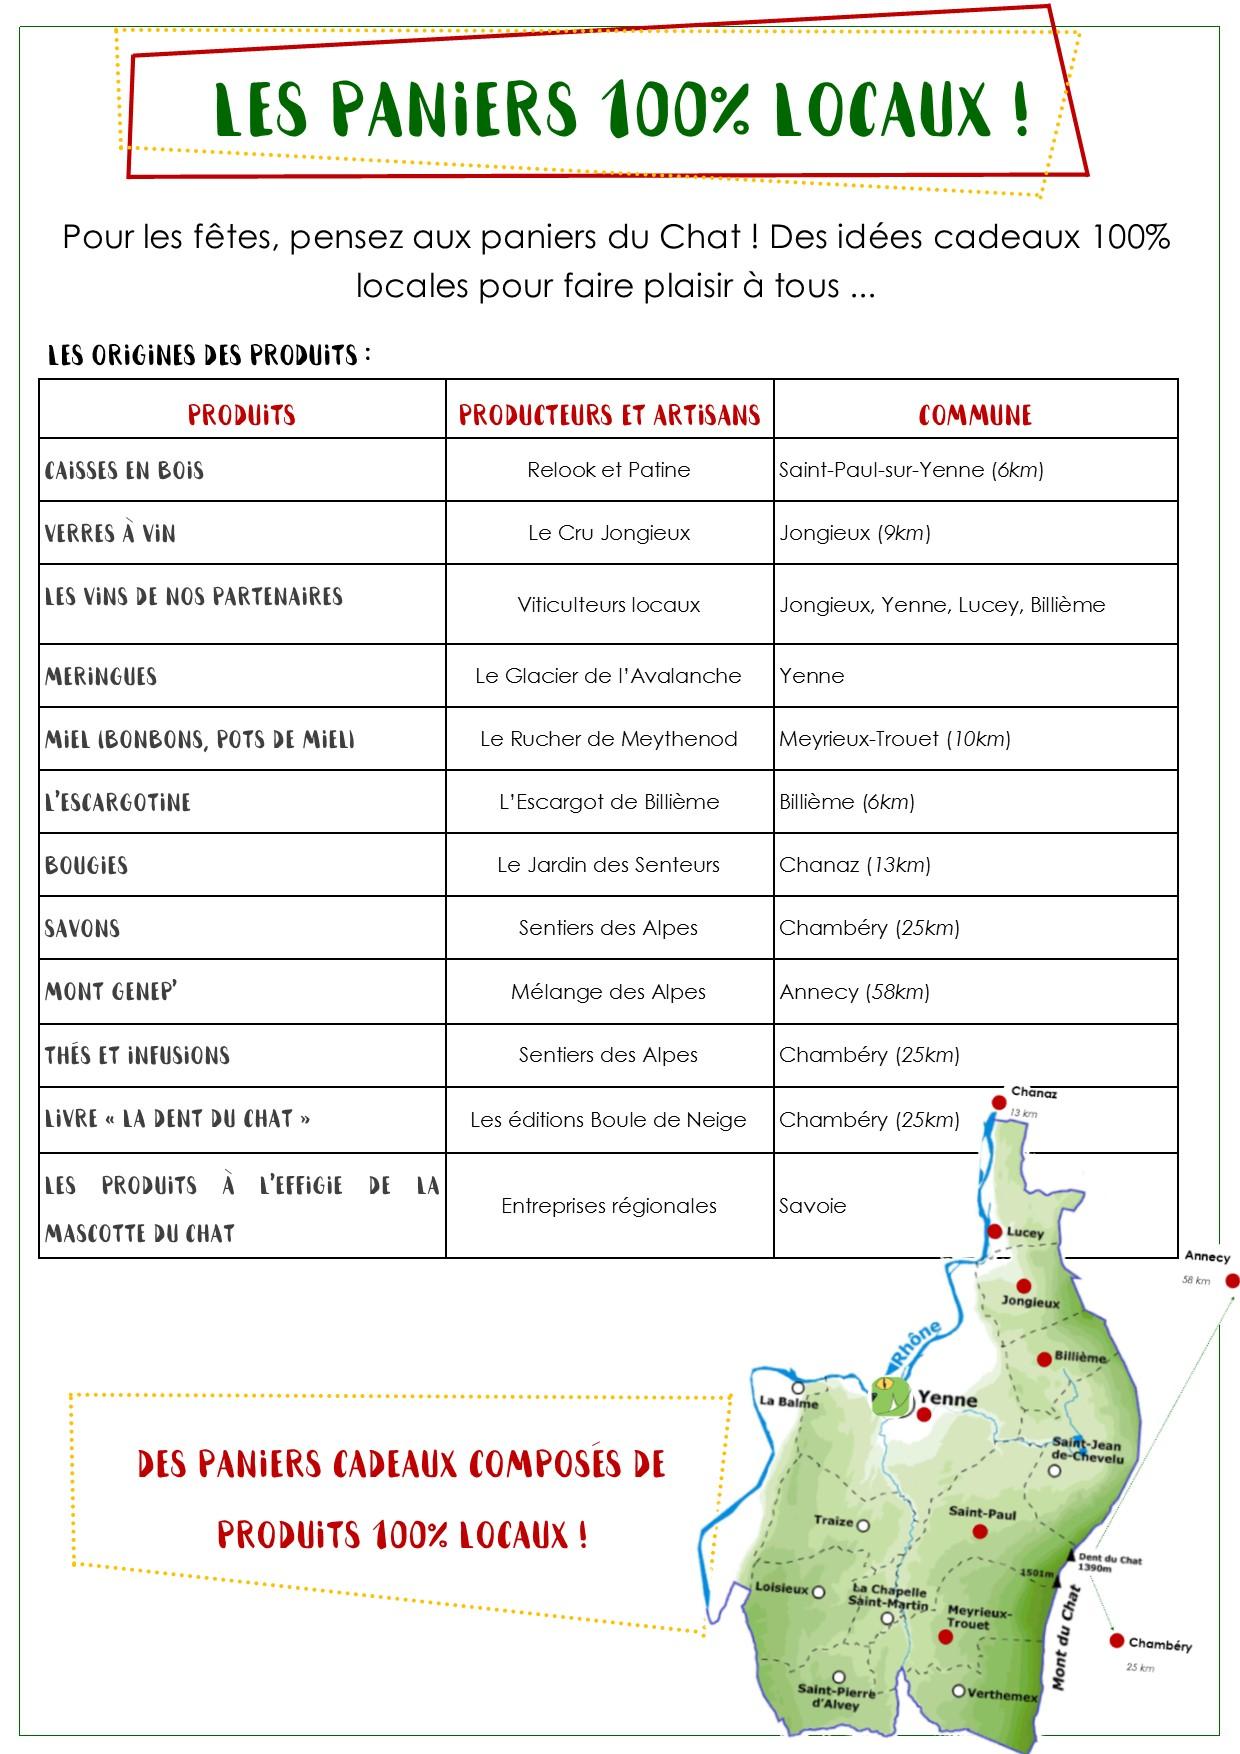 Paniers 100% locaux - carte des producteurs locaux